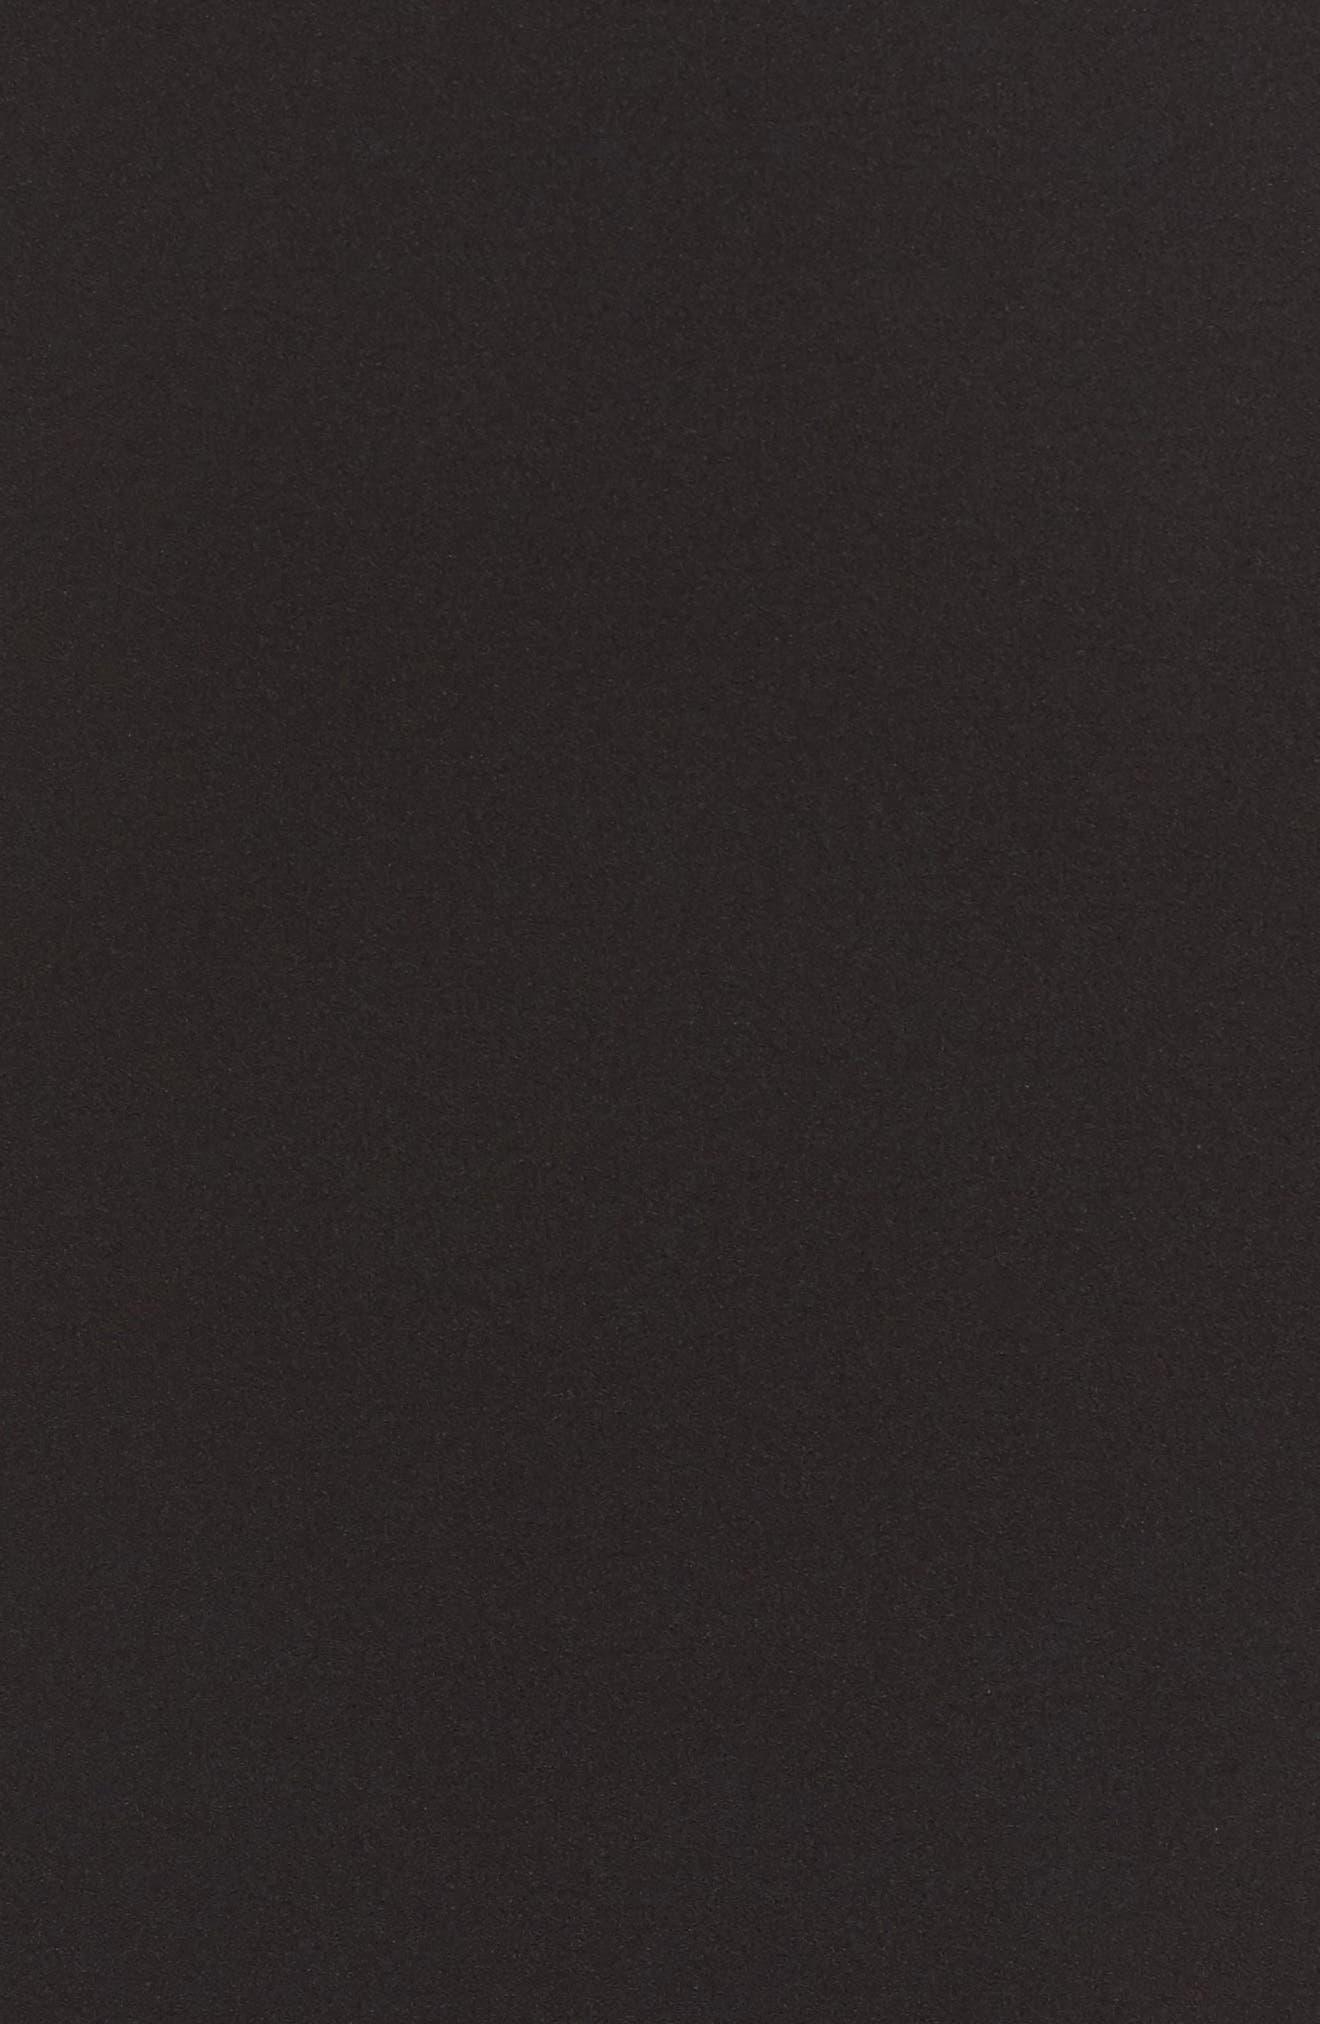 Scuba Crepe Sheath Dress,                             Alternate thumbnail 5, color,                             Black